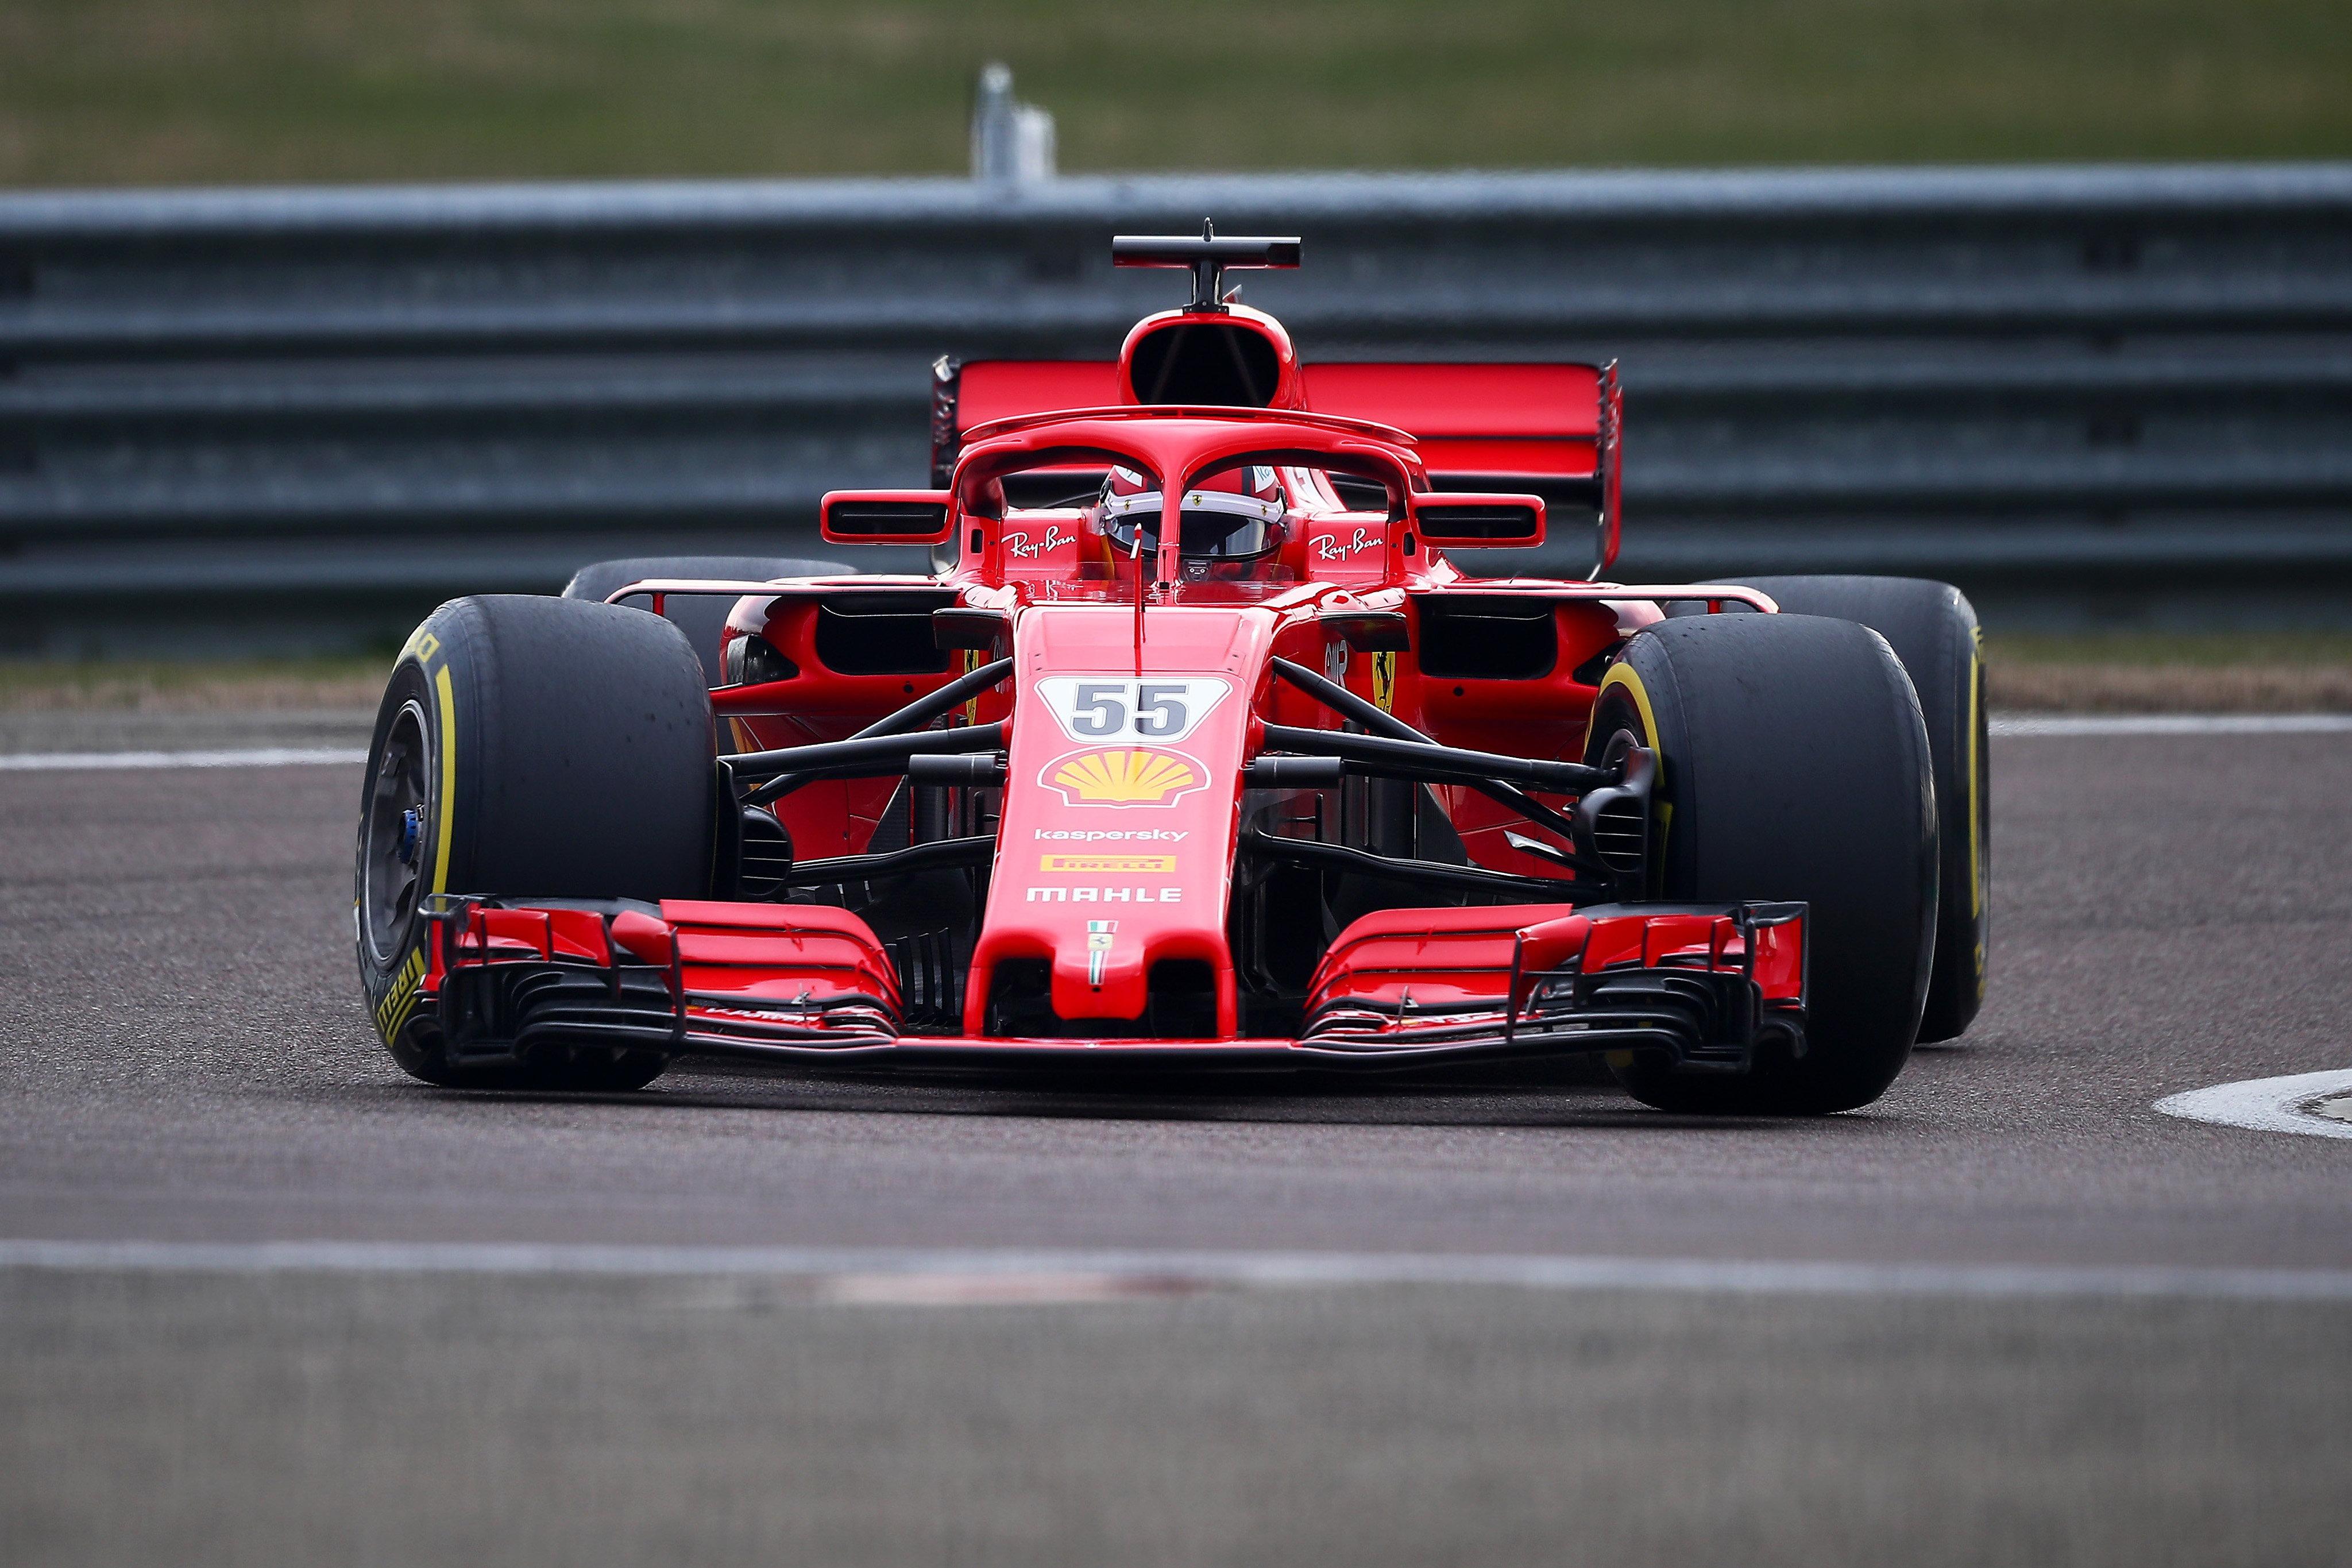 Carlos Sainz Jr, Ferrari F1 test, Fiorano 2021